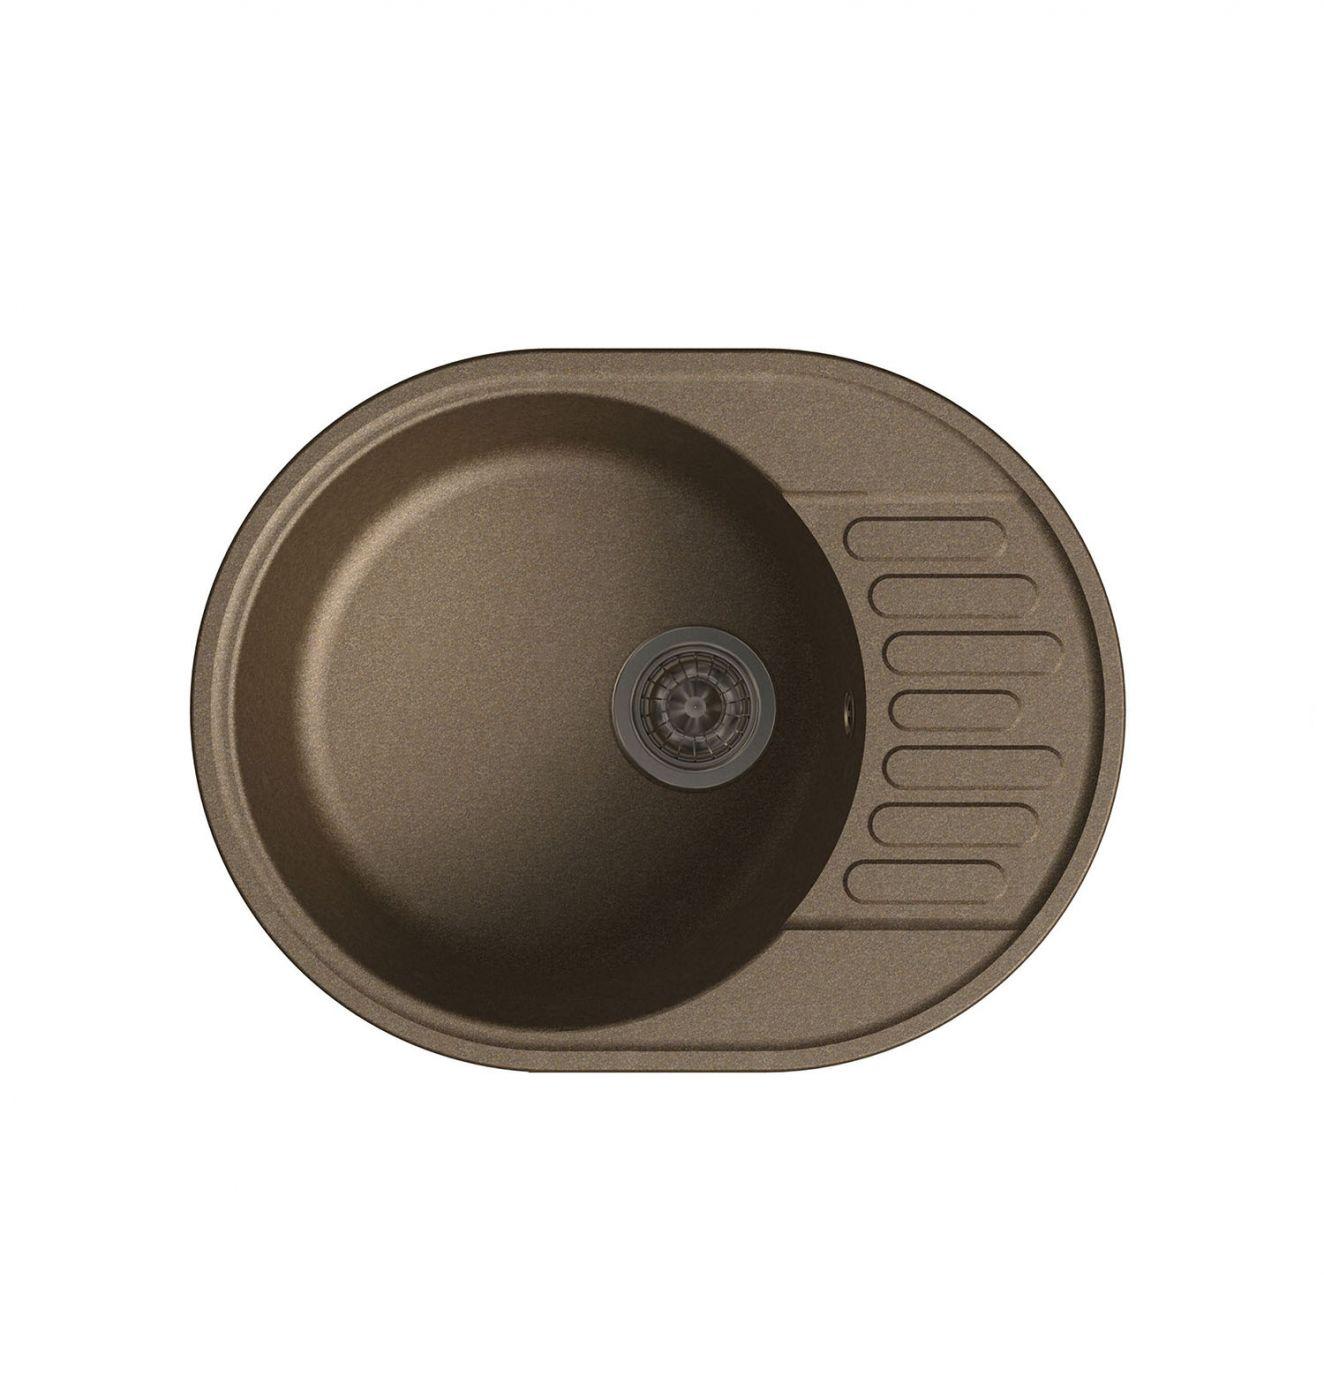 Врезная кухонная мойка LEX Orta 620 Chocolate  62х48см полимер RULE000027